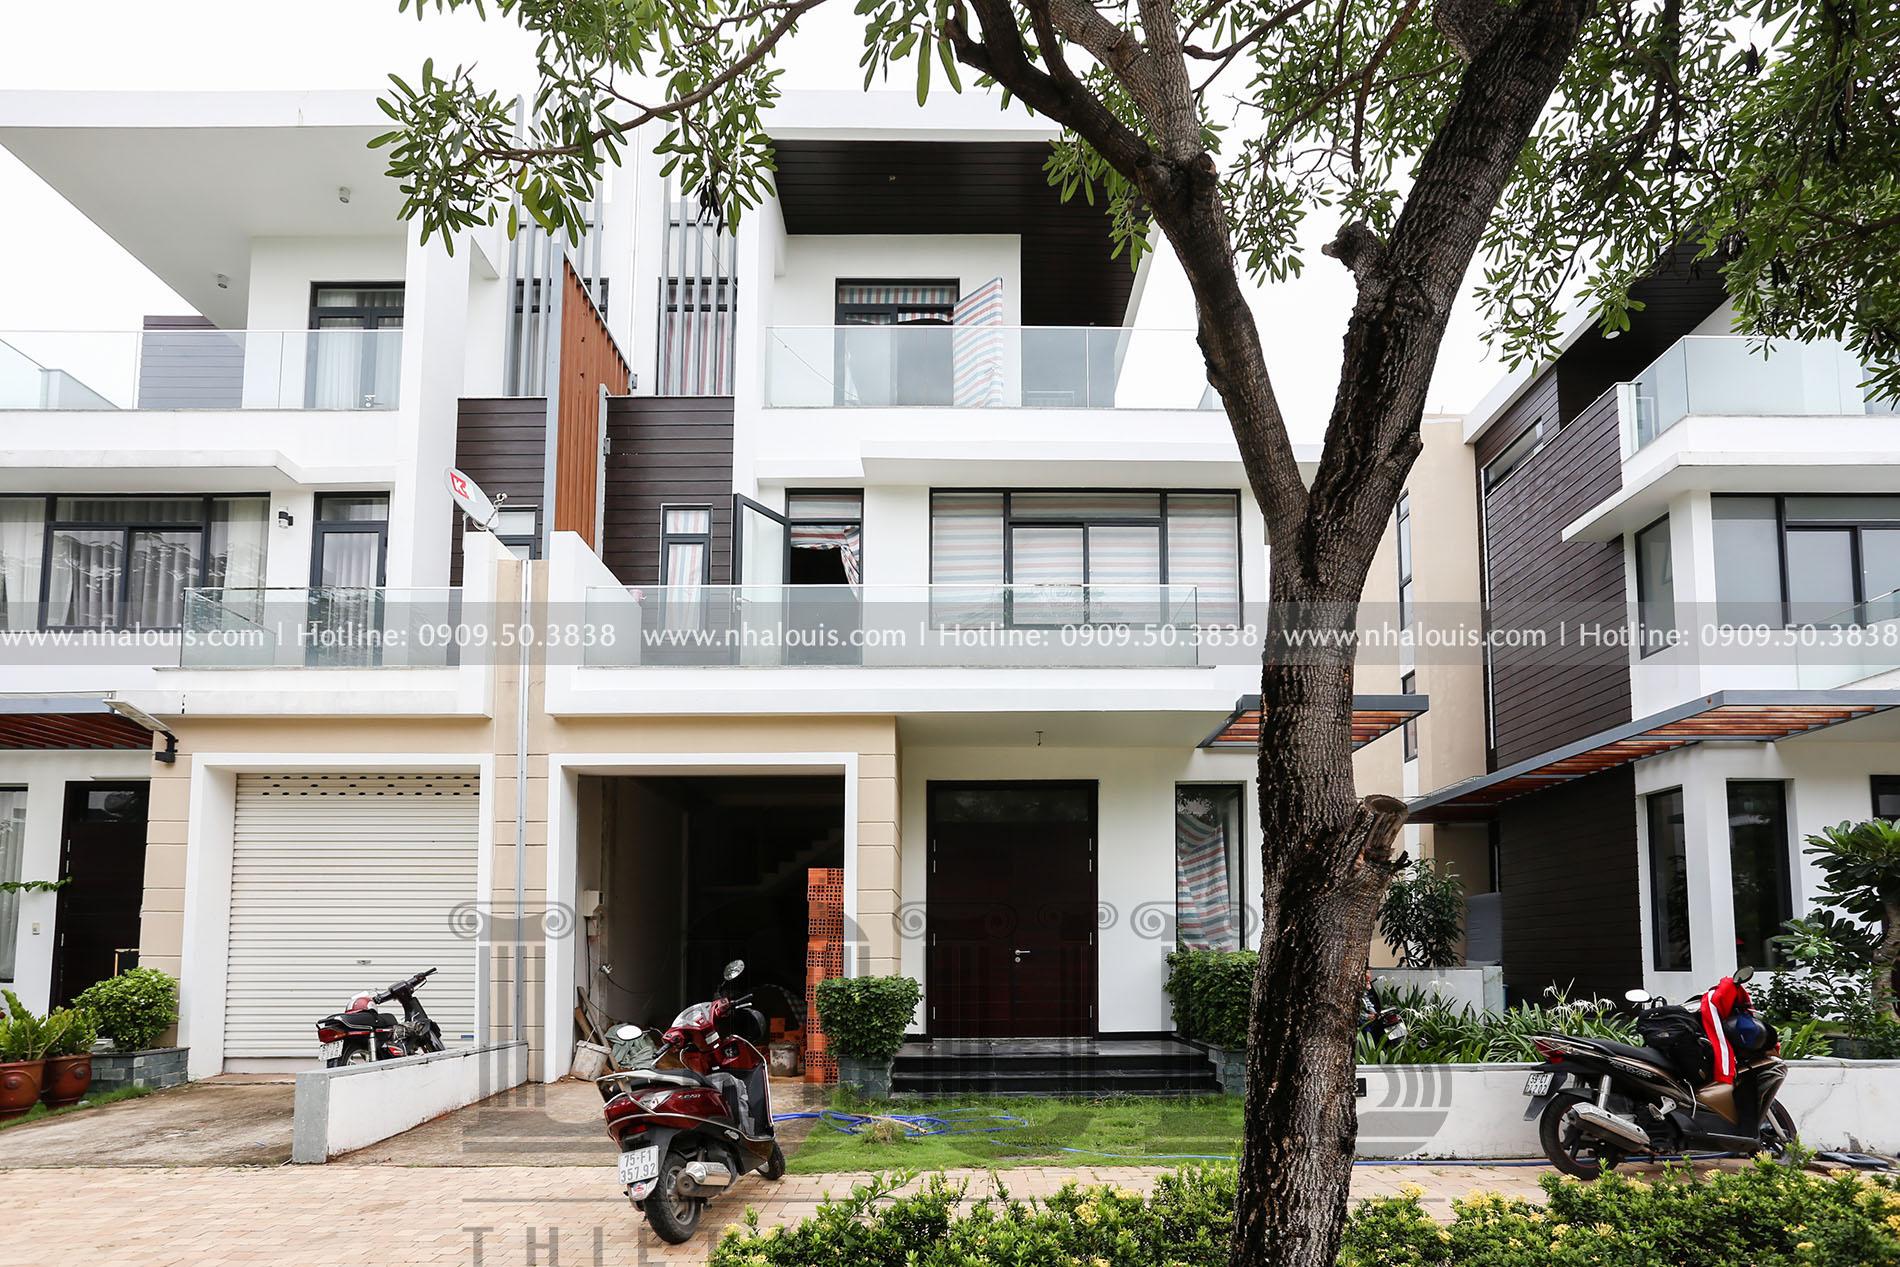 Thiết kế nội thất biệt thự phong cách hiện đại và đẳng cấp tại Quận 9